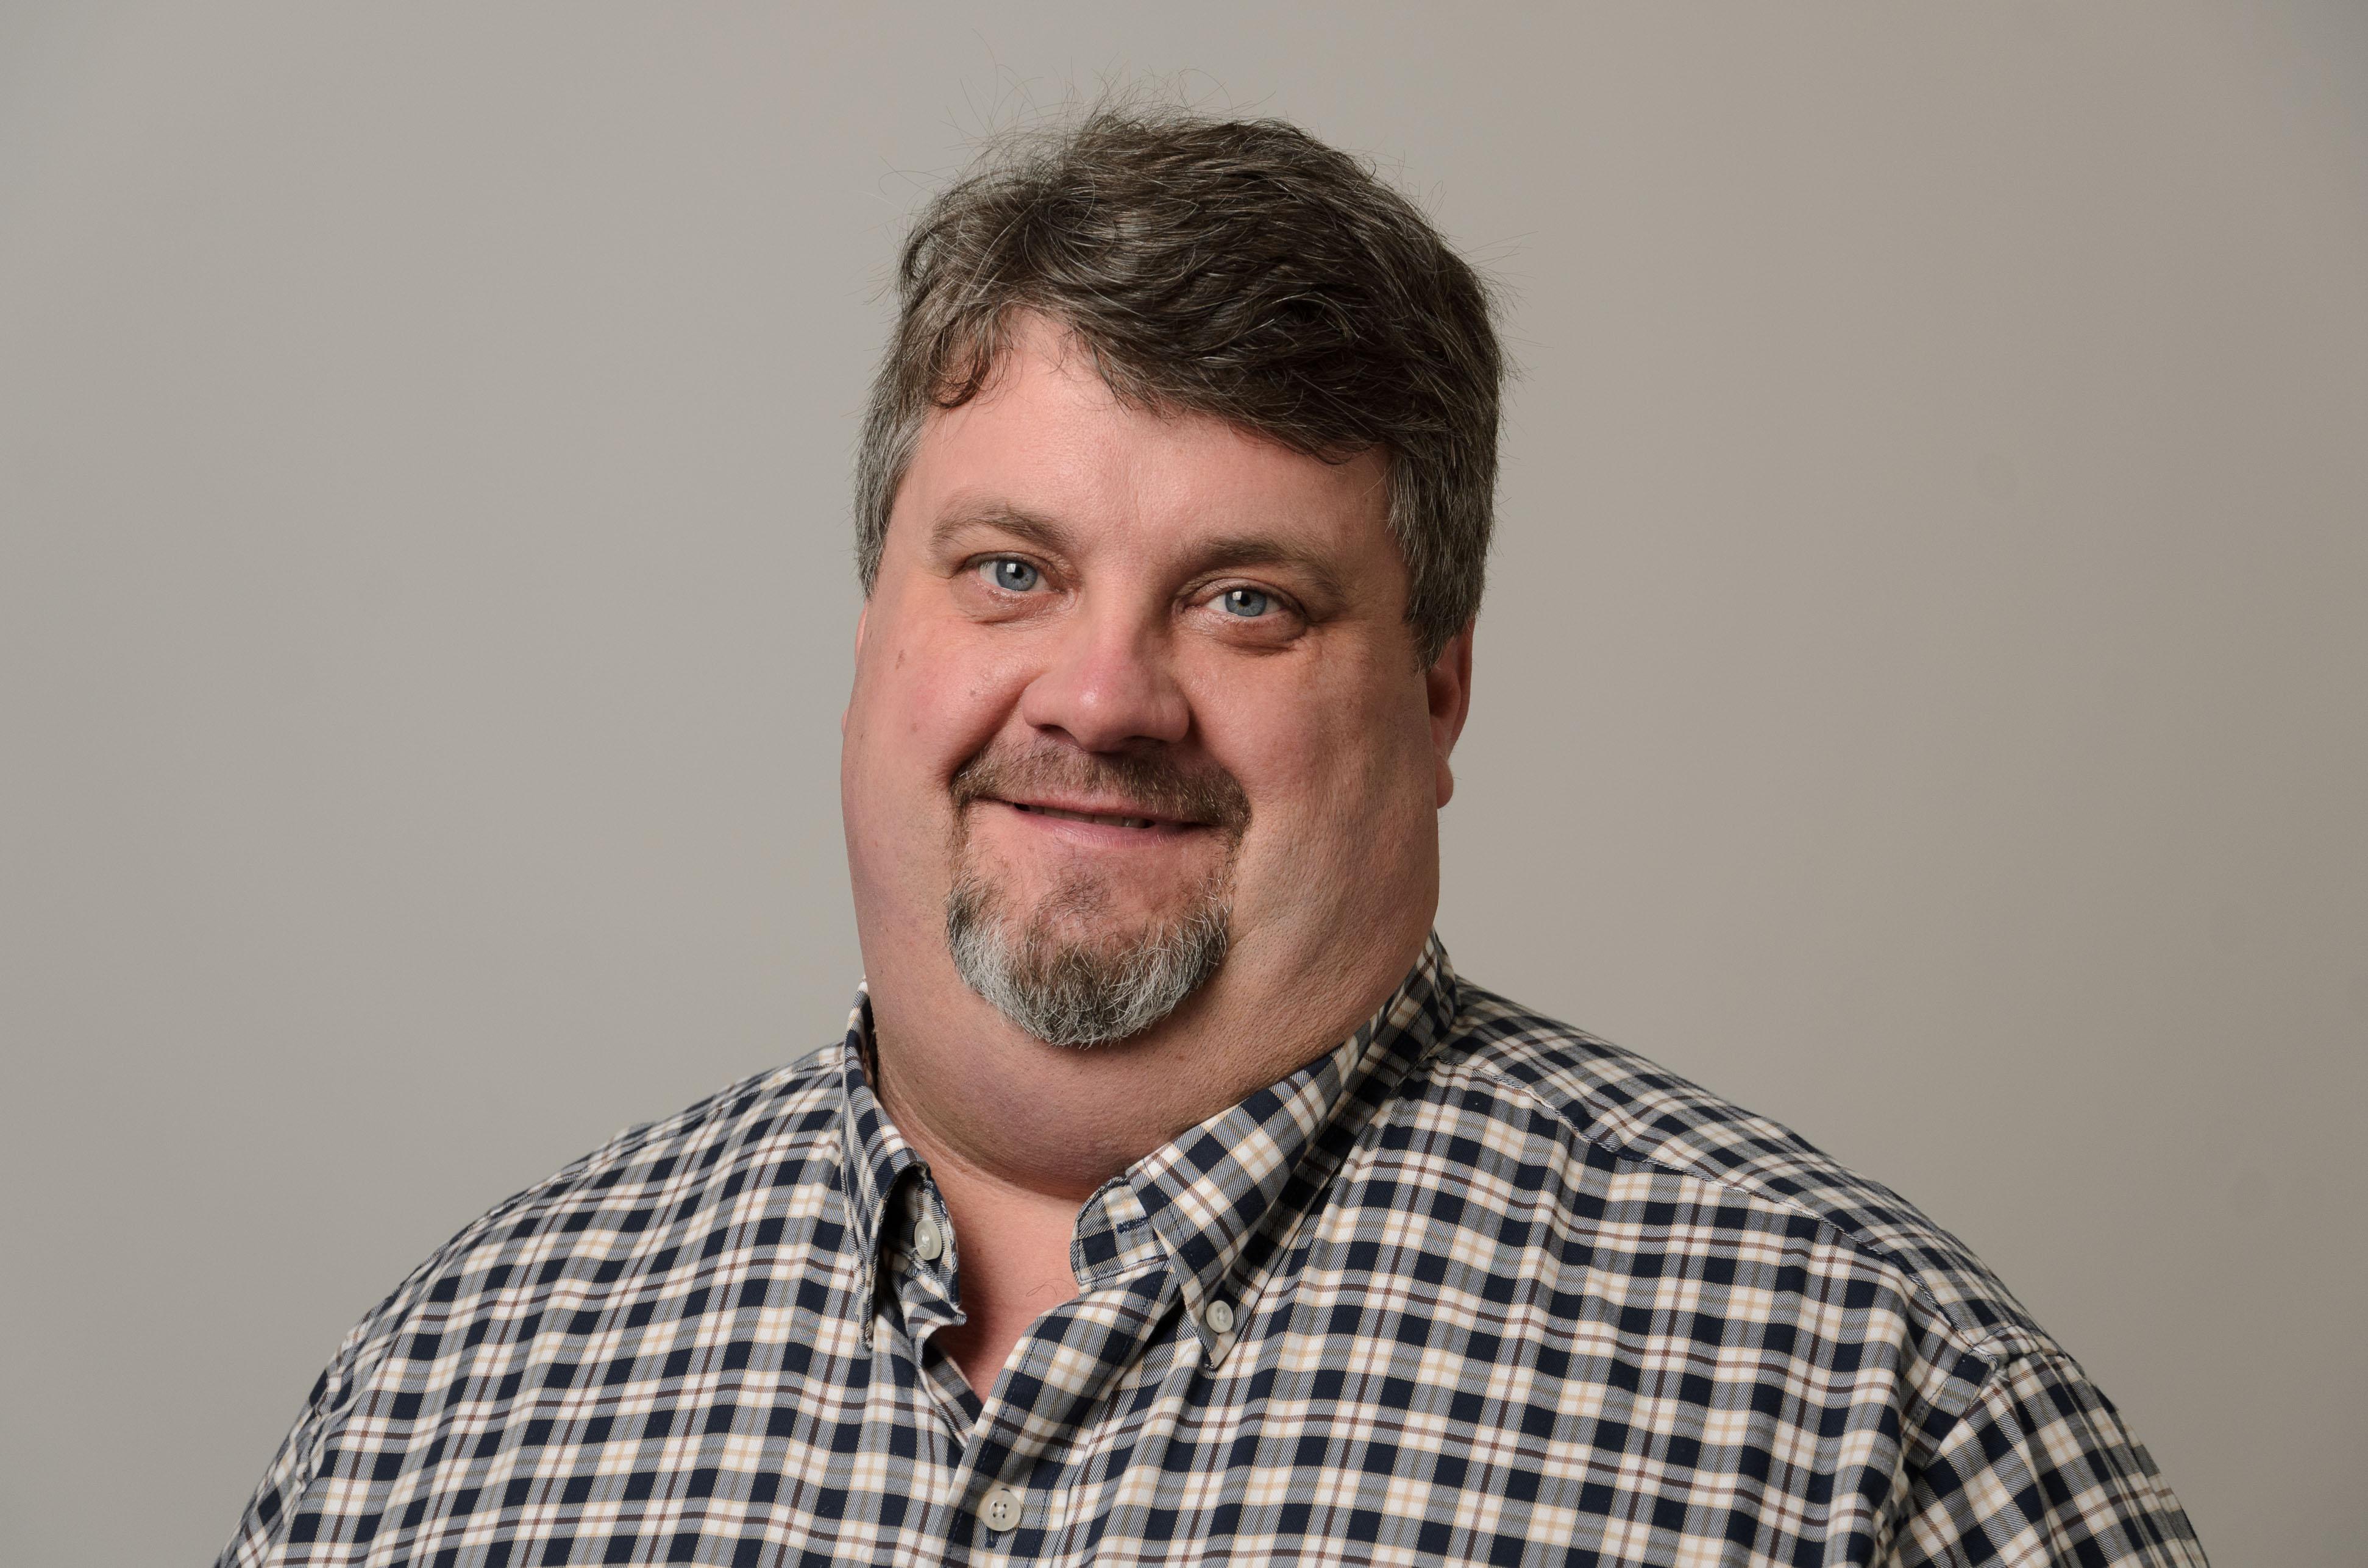 Headshot of Denis Shannon, plaid shirt